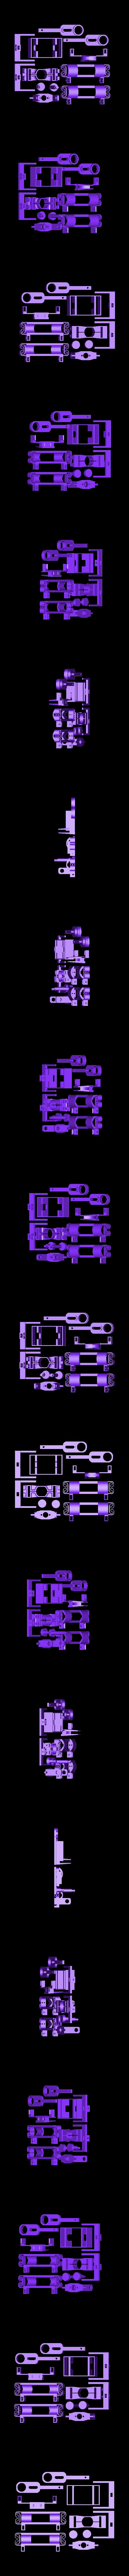 WalkerBot_all.stl Télécharger fichier STL gratuit Châssis du robot Walker • Design à imprimer en 3D, SiberK